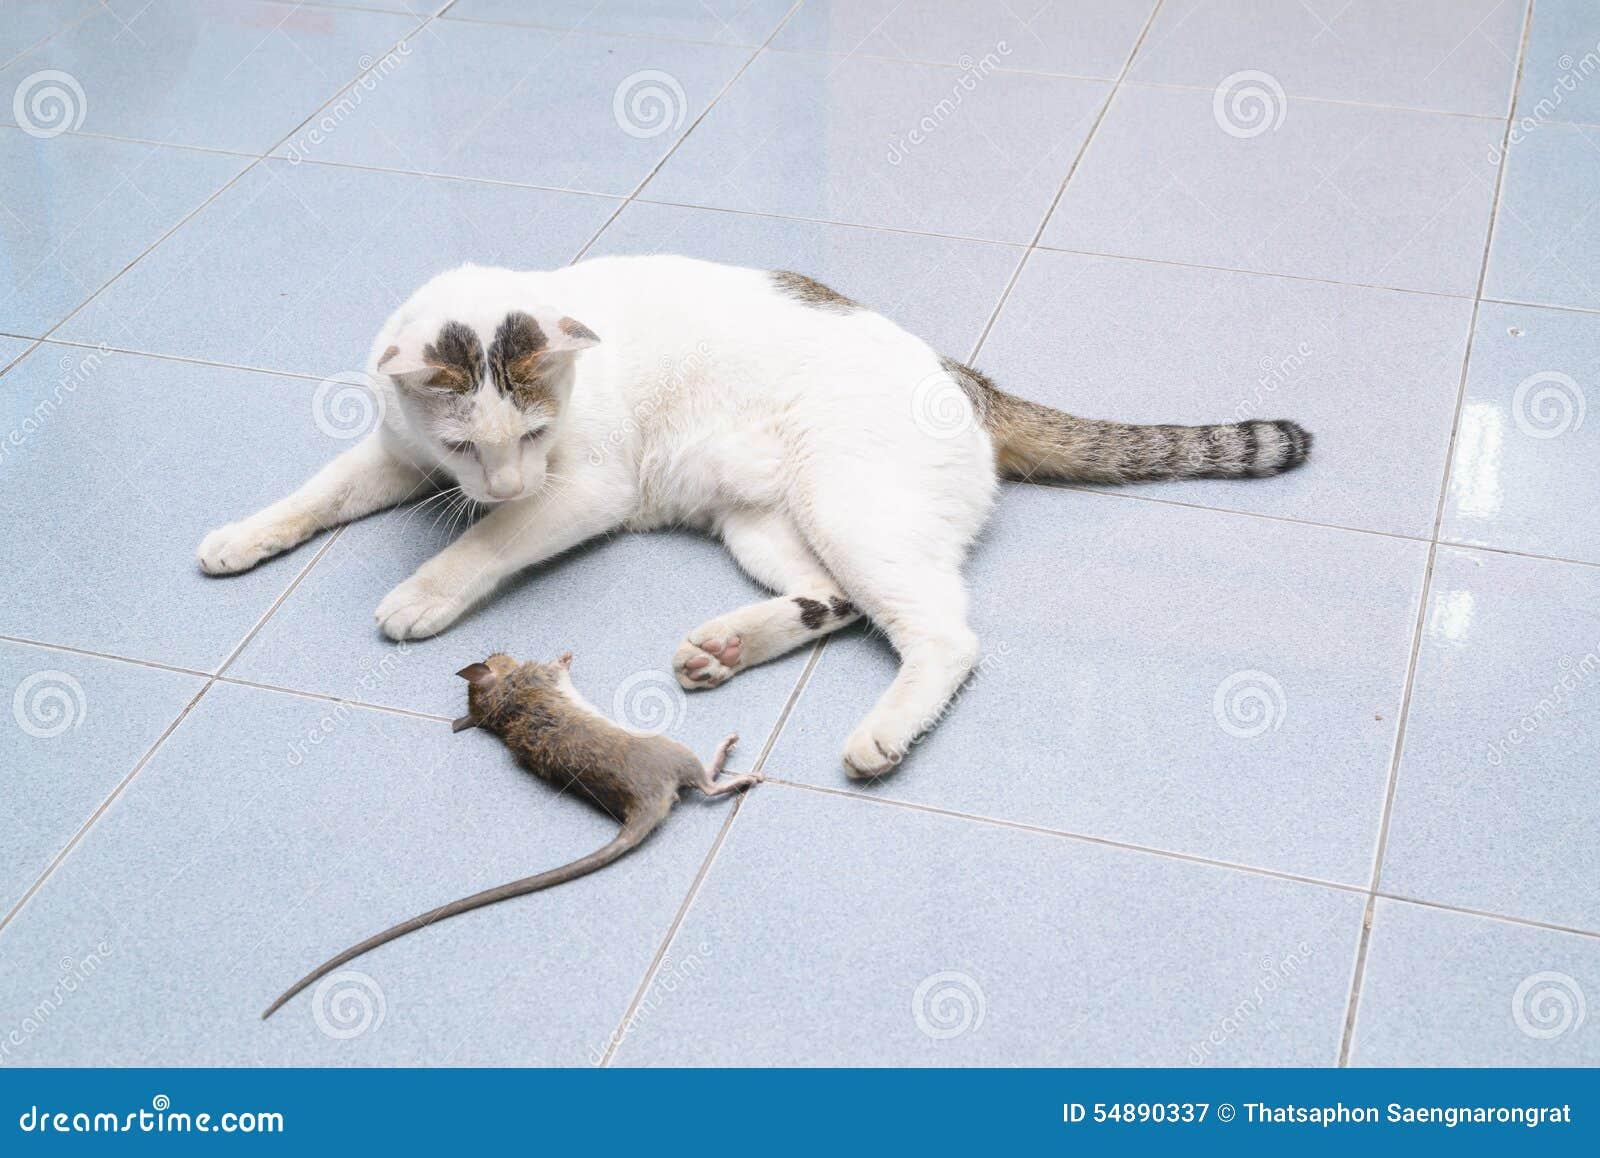 crochet de chat et souris de morsure rat image stock image du paresseux chaton 54890337. Black Bedroom Furniture Sets. Home Design Ideas